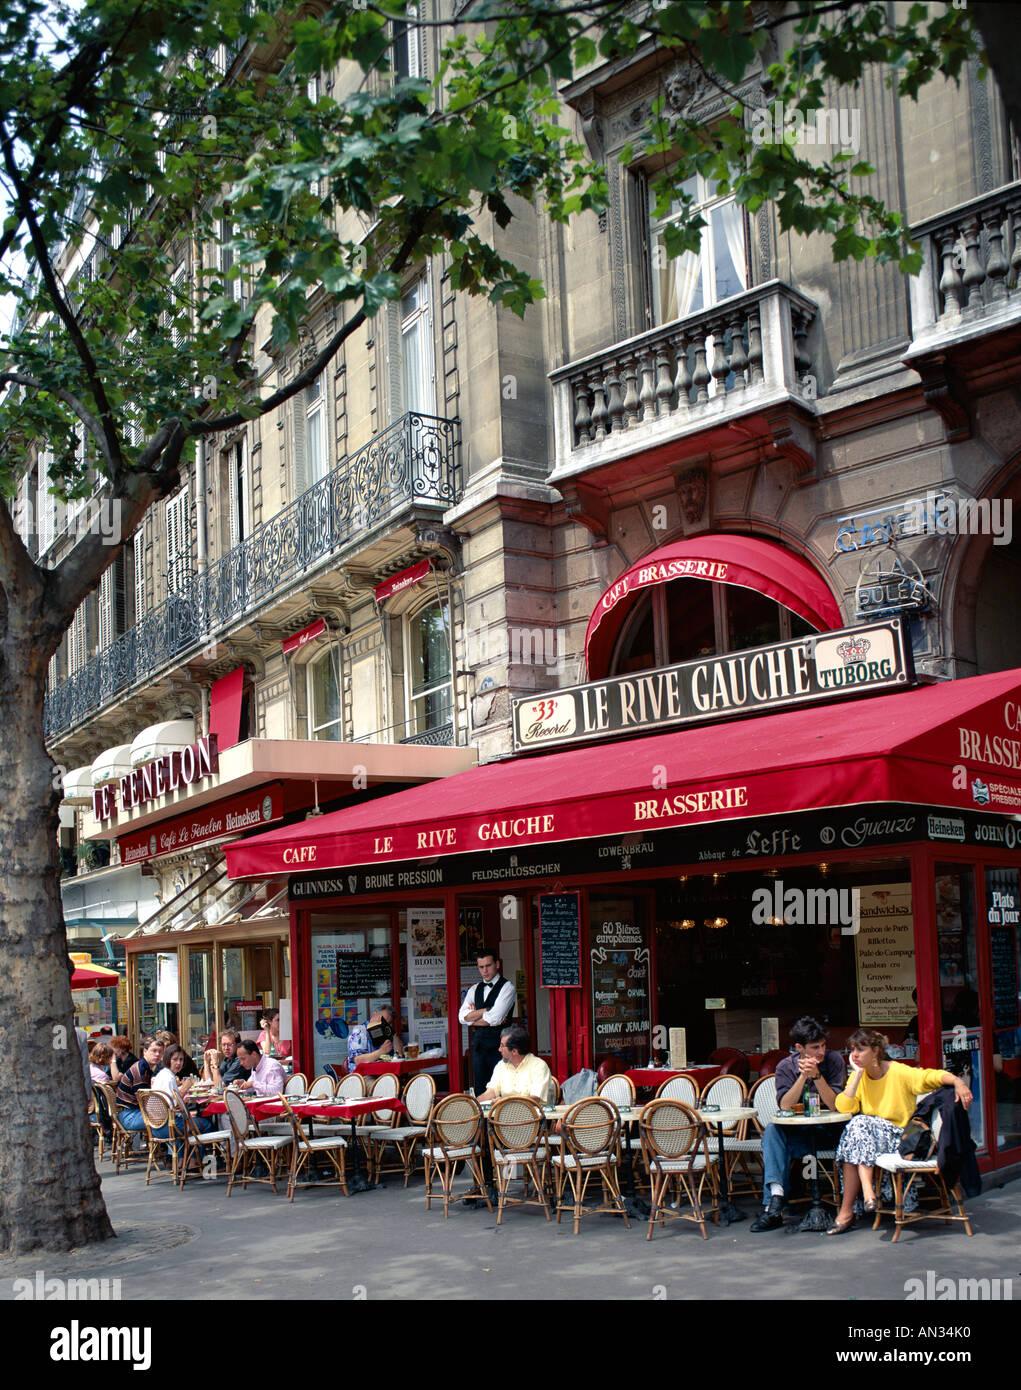 Cafe Paris Rive Gauche